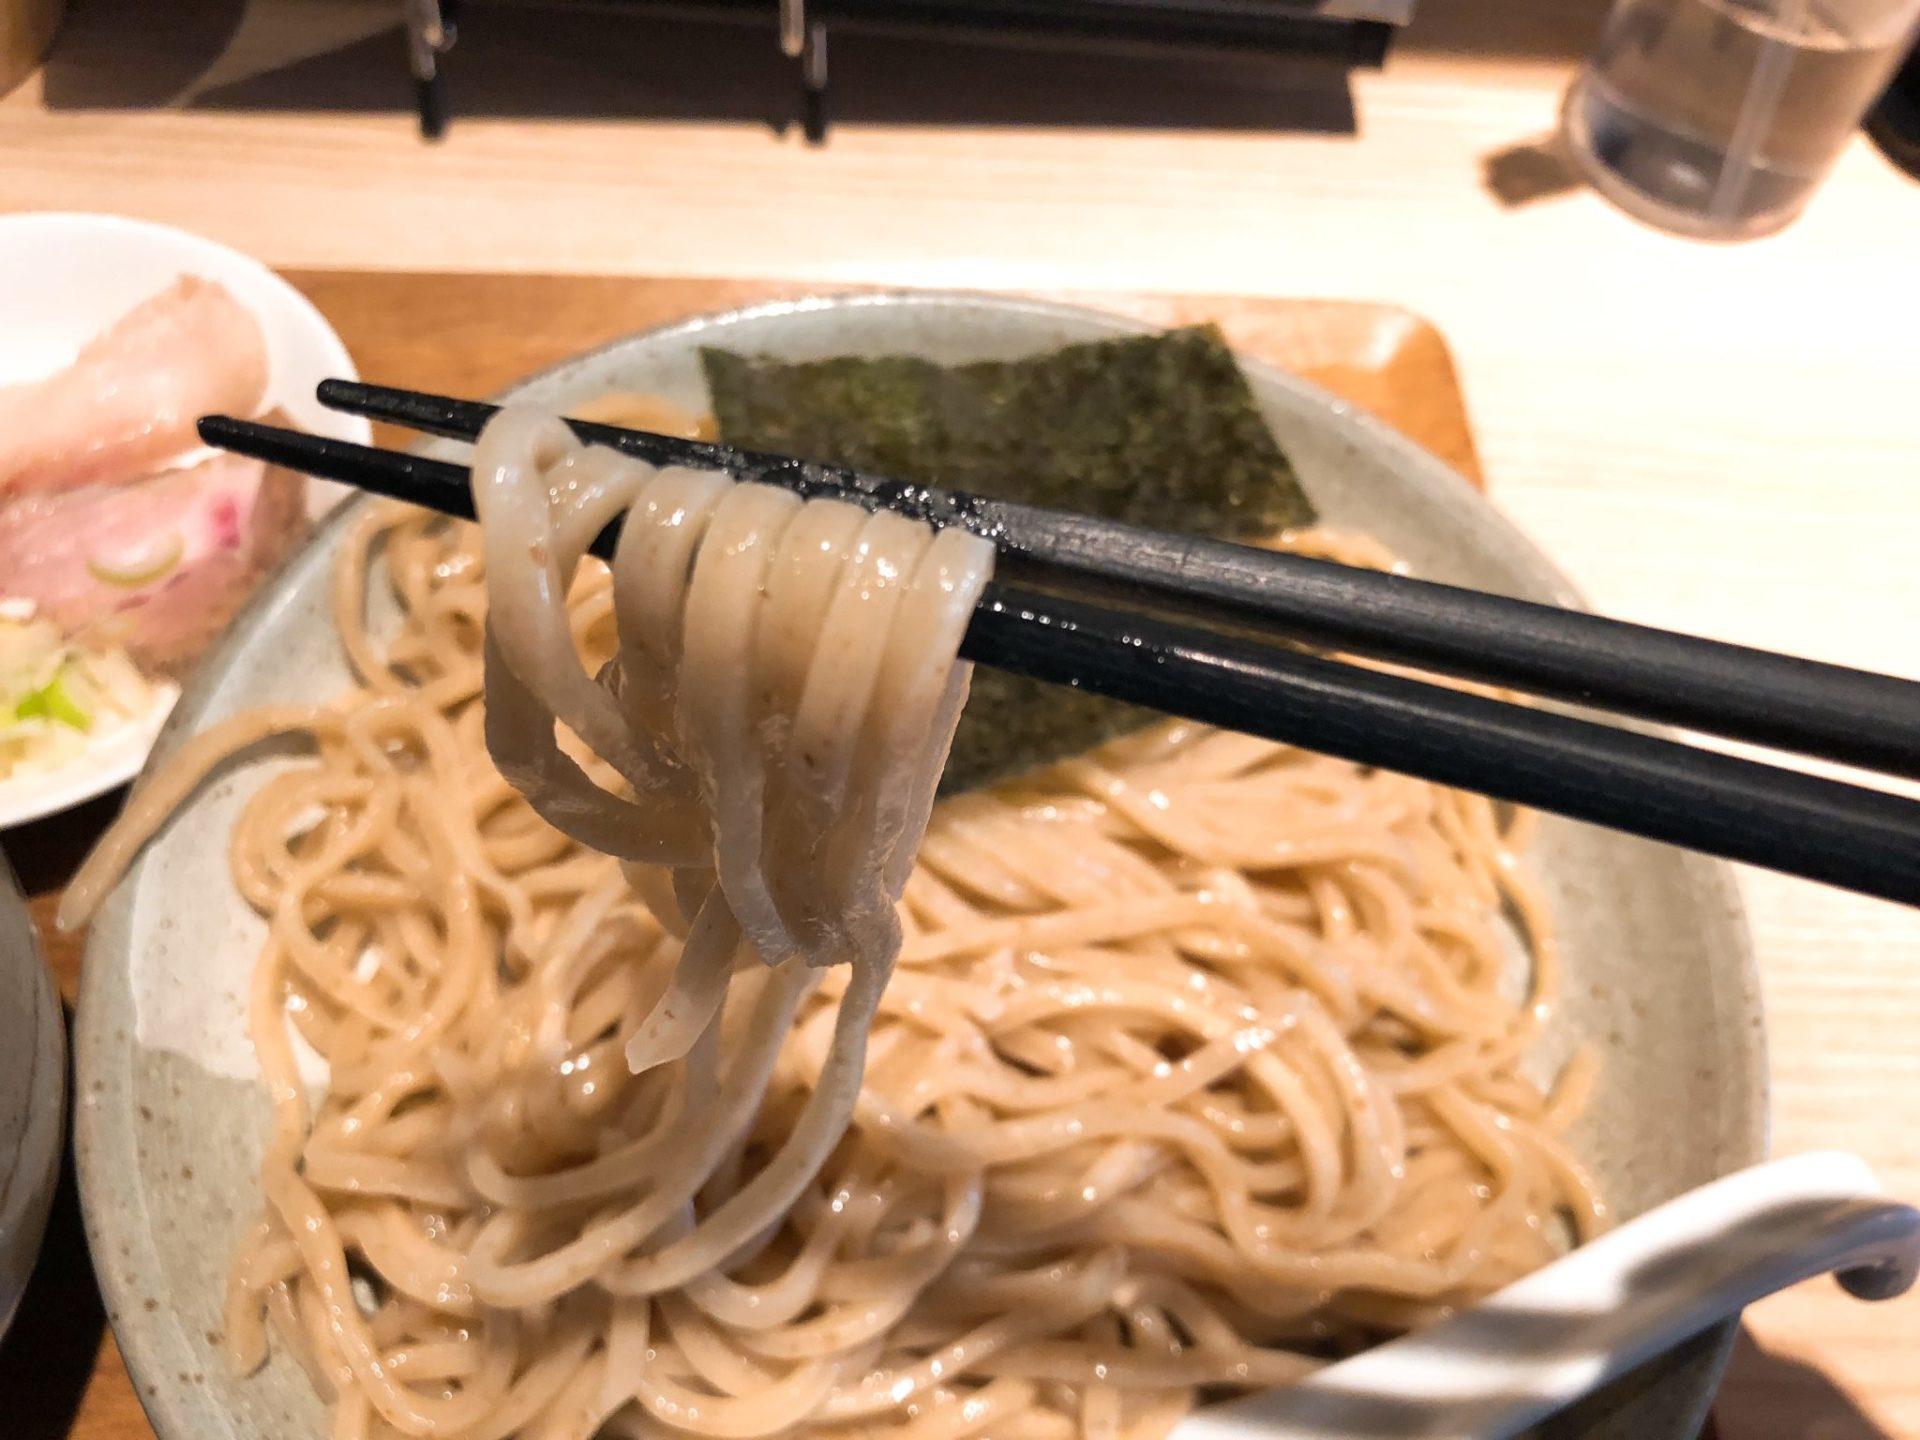 ボノボ 梅ヶ丘の渡り蟹のつけ麺は中太麺